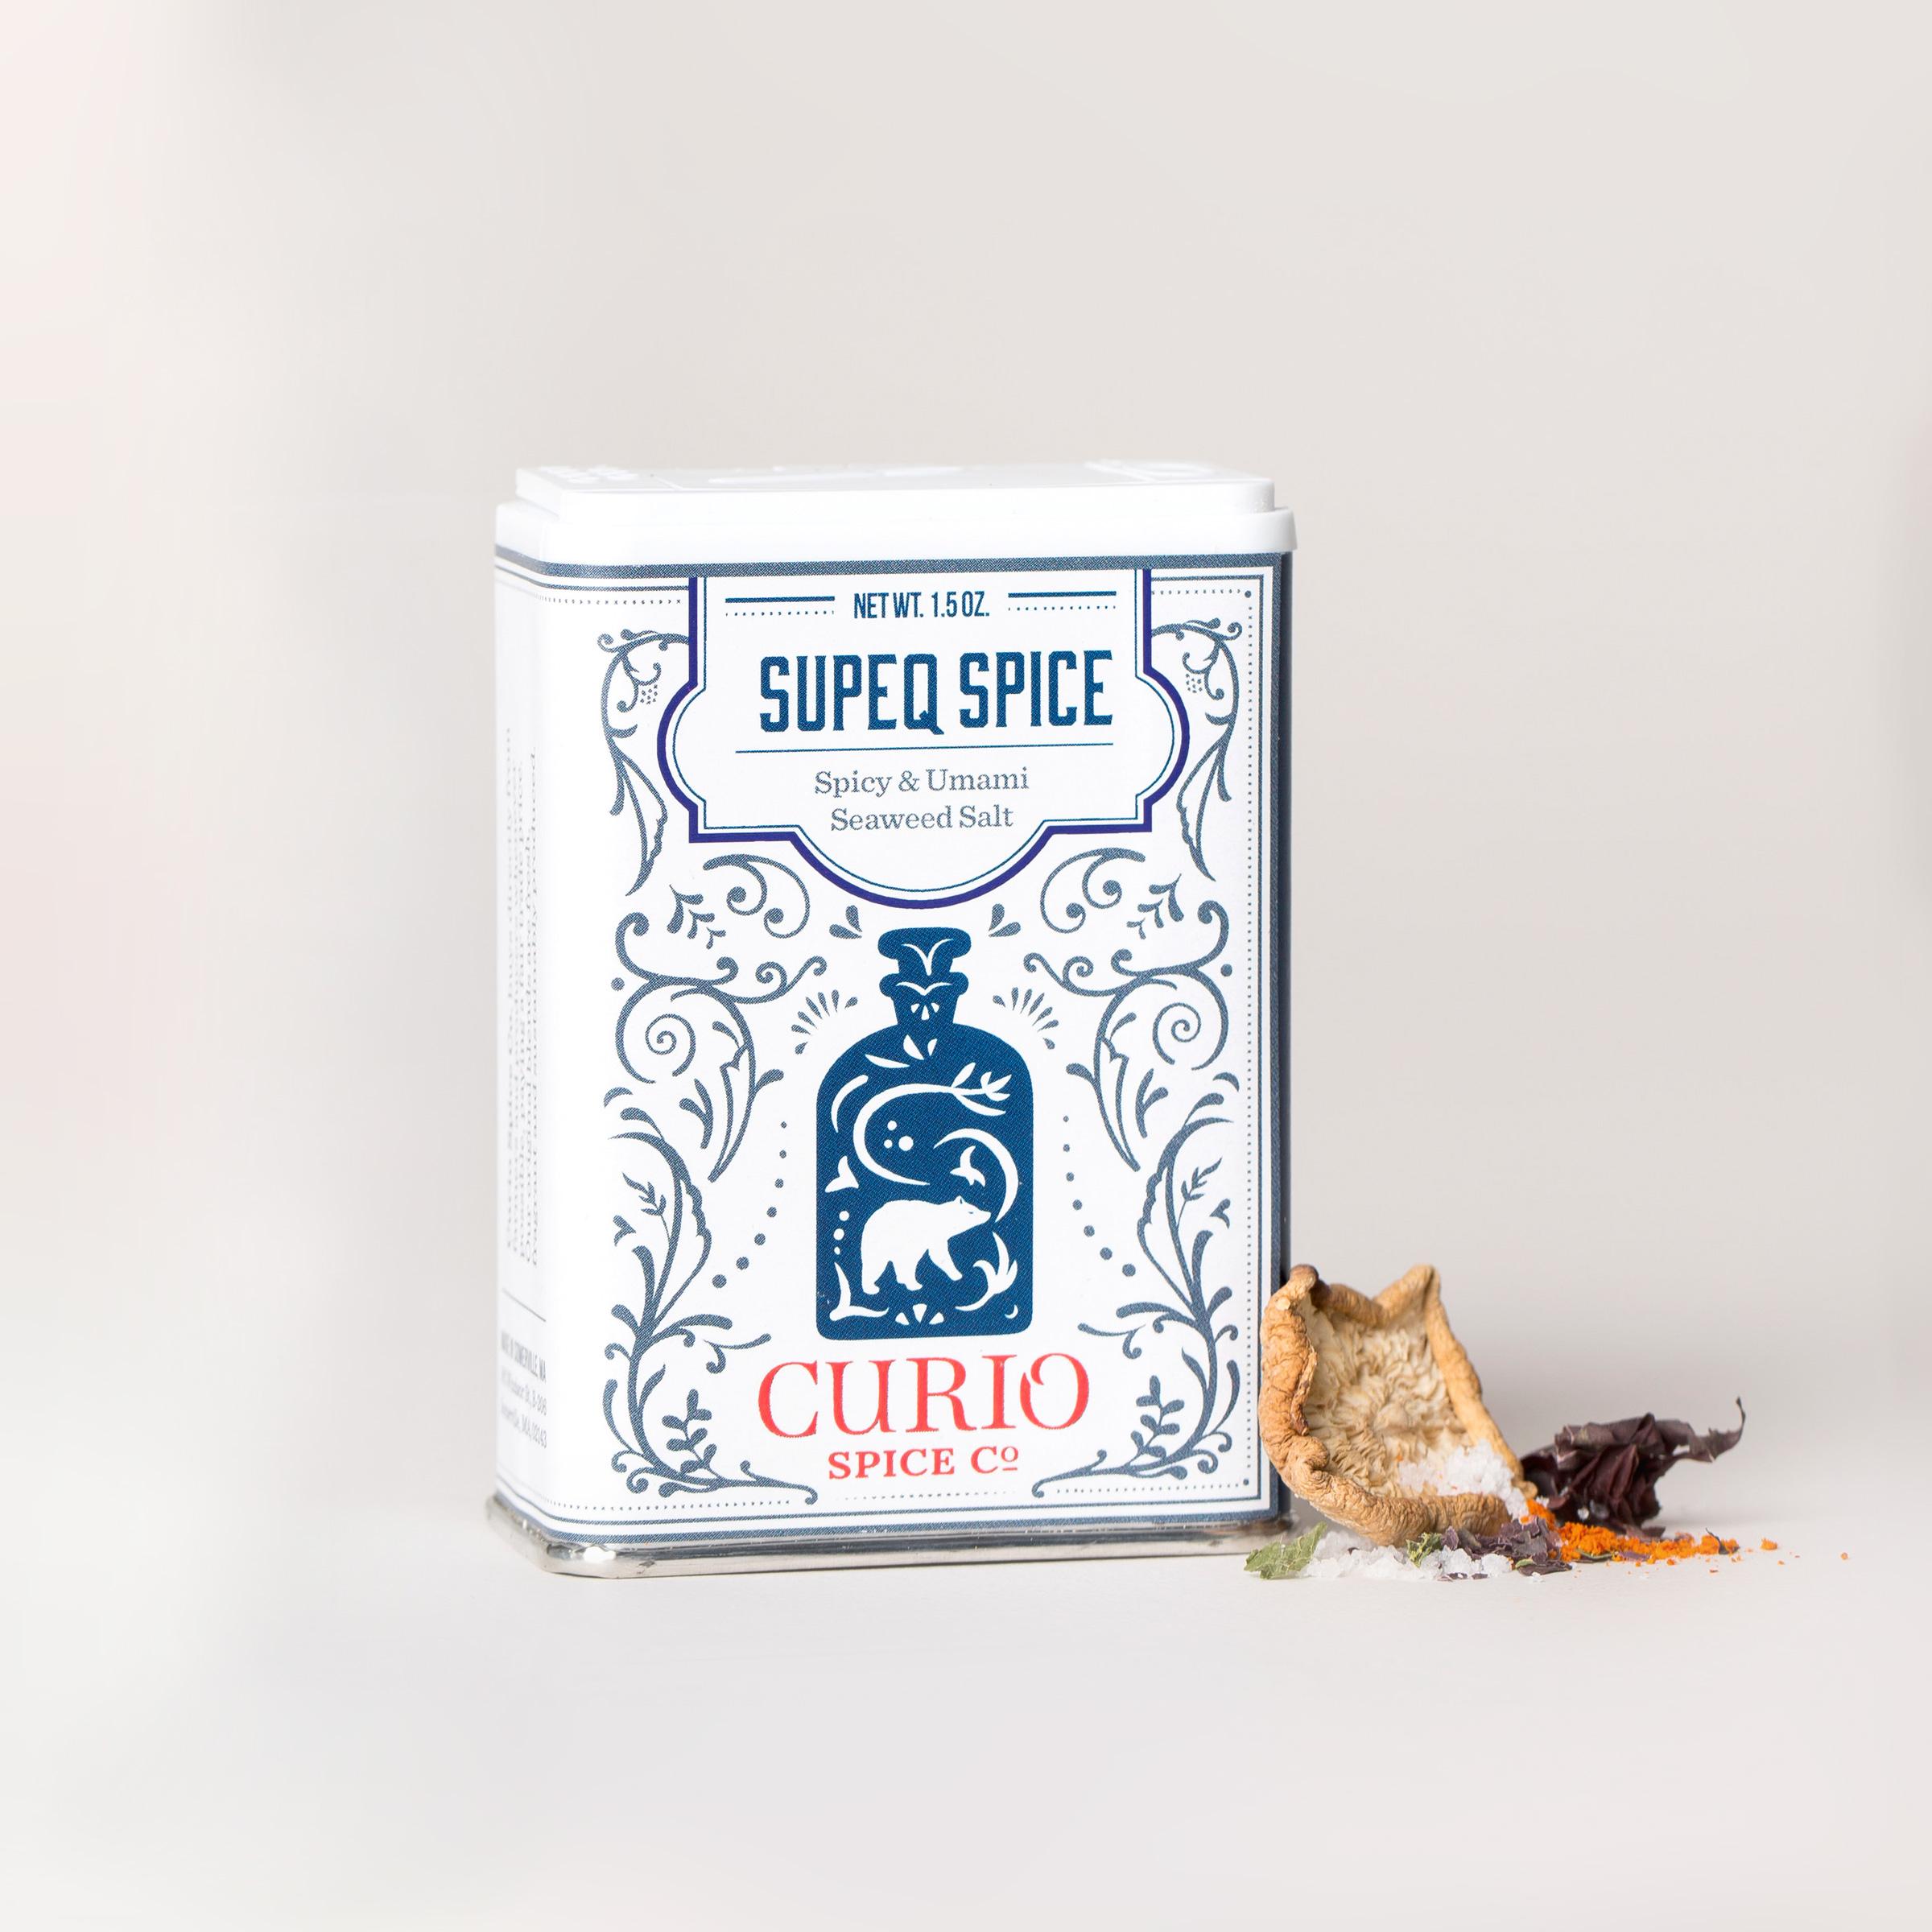 Supeq Spice - Spicy & Umami Seaweed Salt